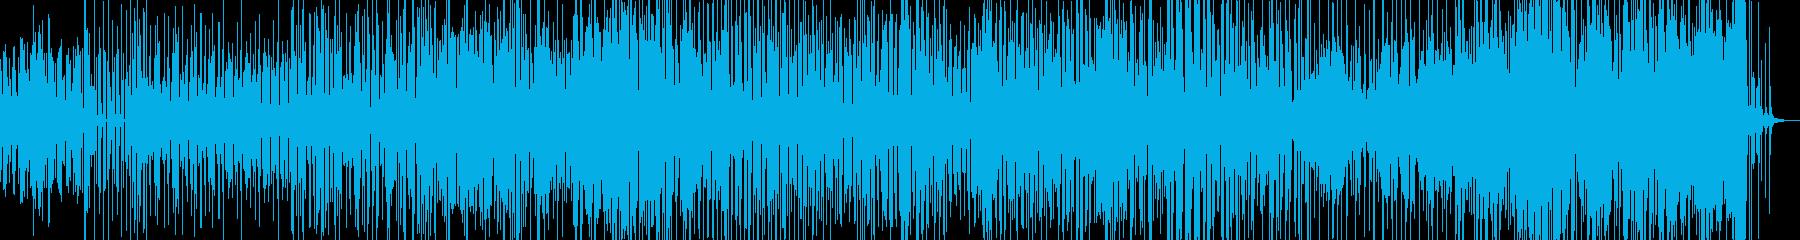 沖縄の三線と指笛等を入れたドラムンベースの再生済みの波形